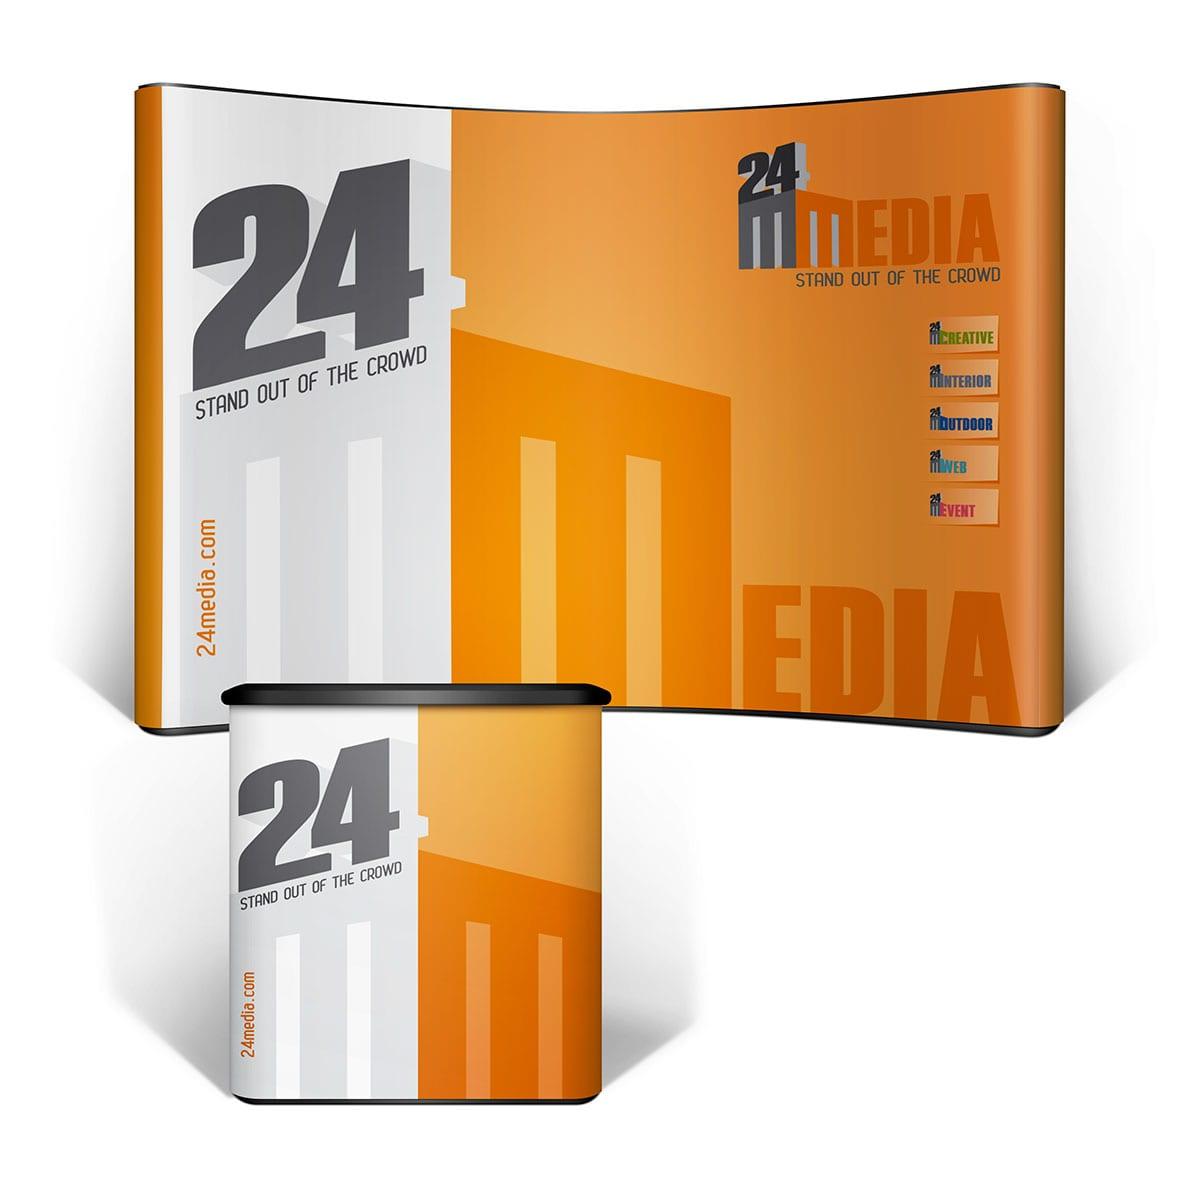 Pentru servicii profesionale de grafică standuri expoziționale apelați la noi cu încredere! Avem 13 ani de experiență în domeniul graficii publicitare.